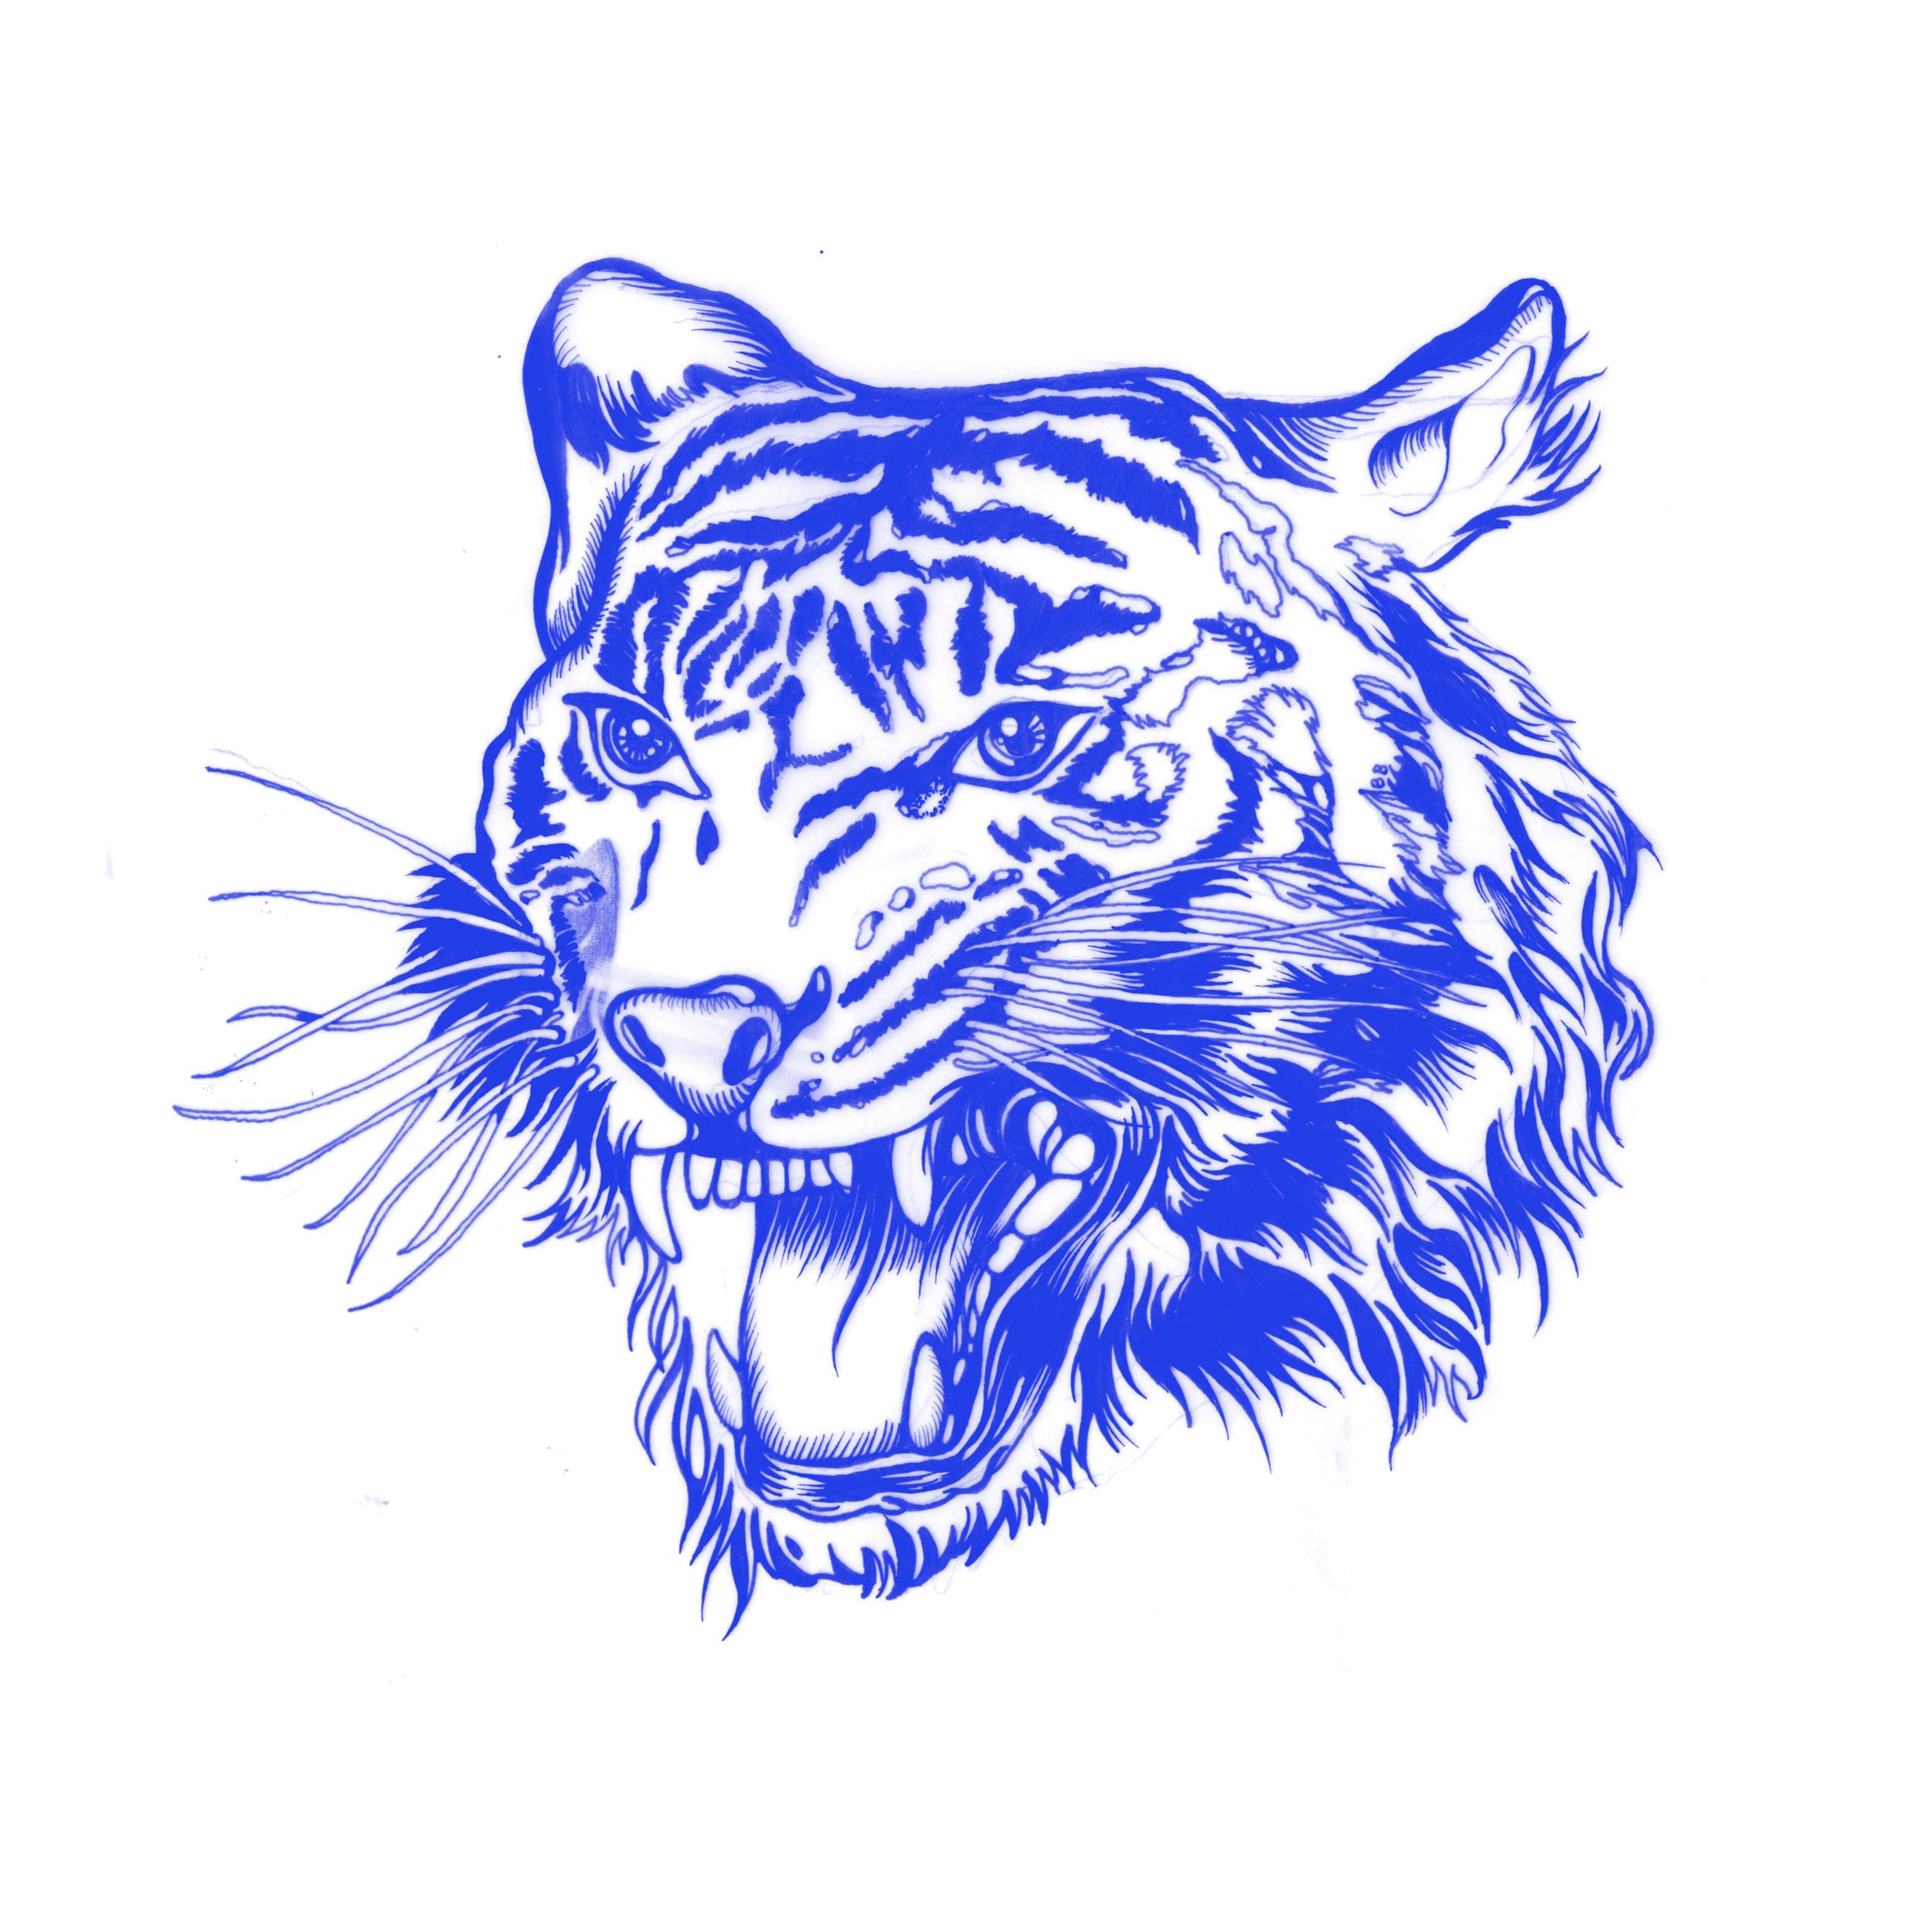 Design01_Tiger_color01.jpg